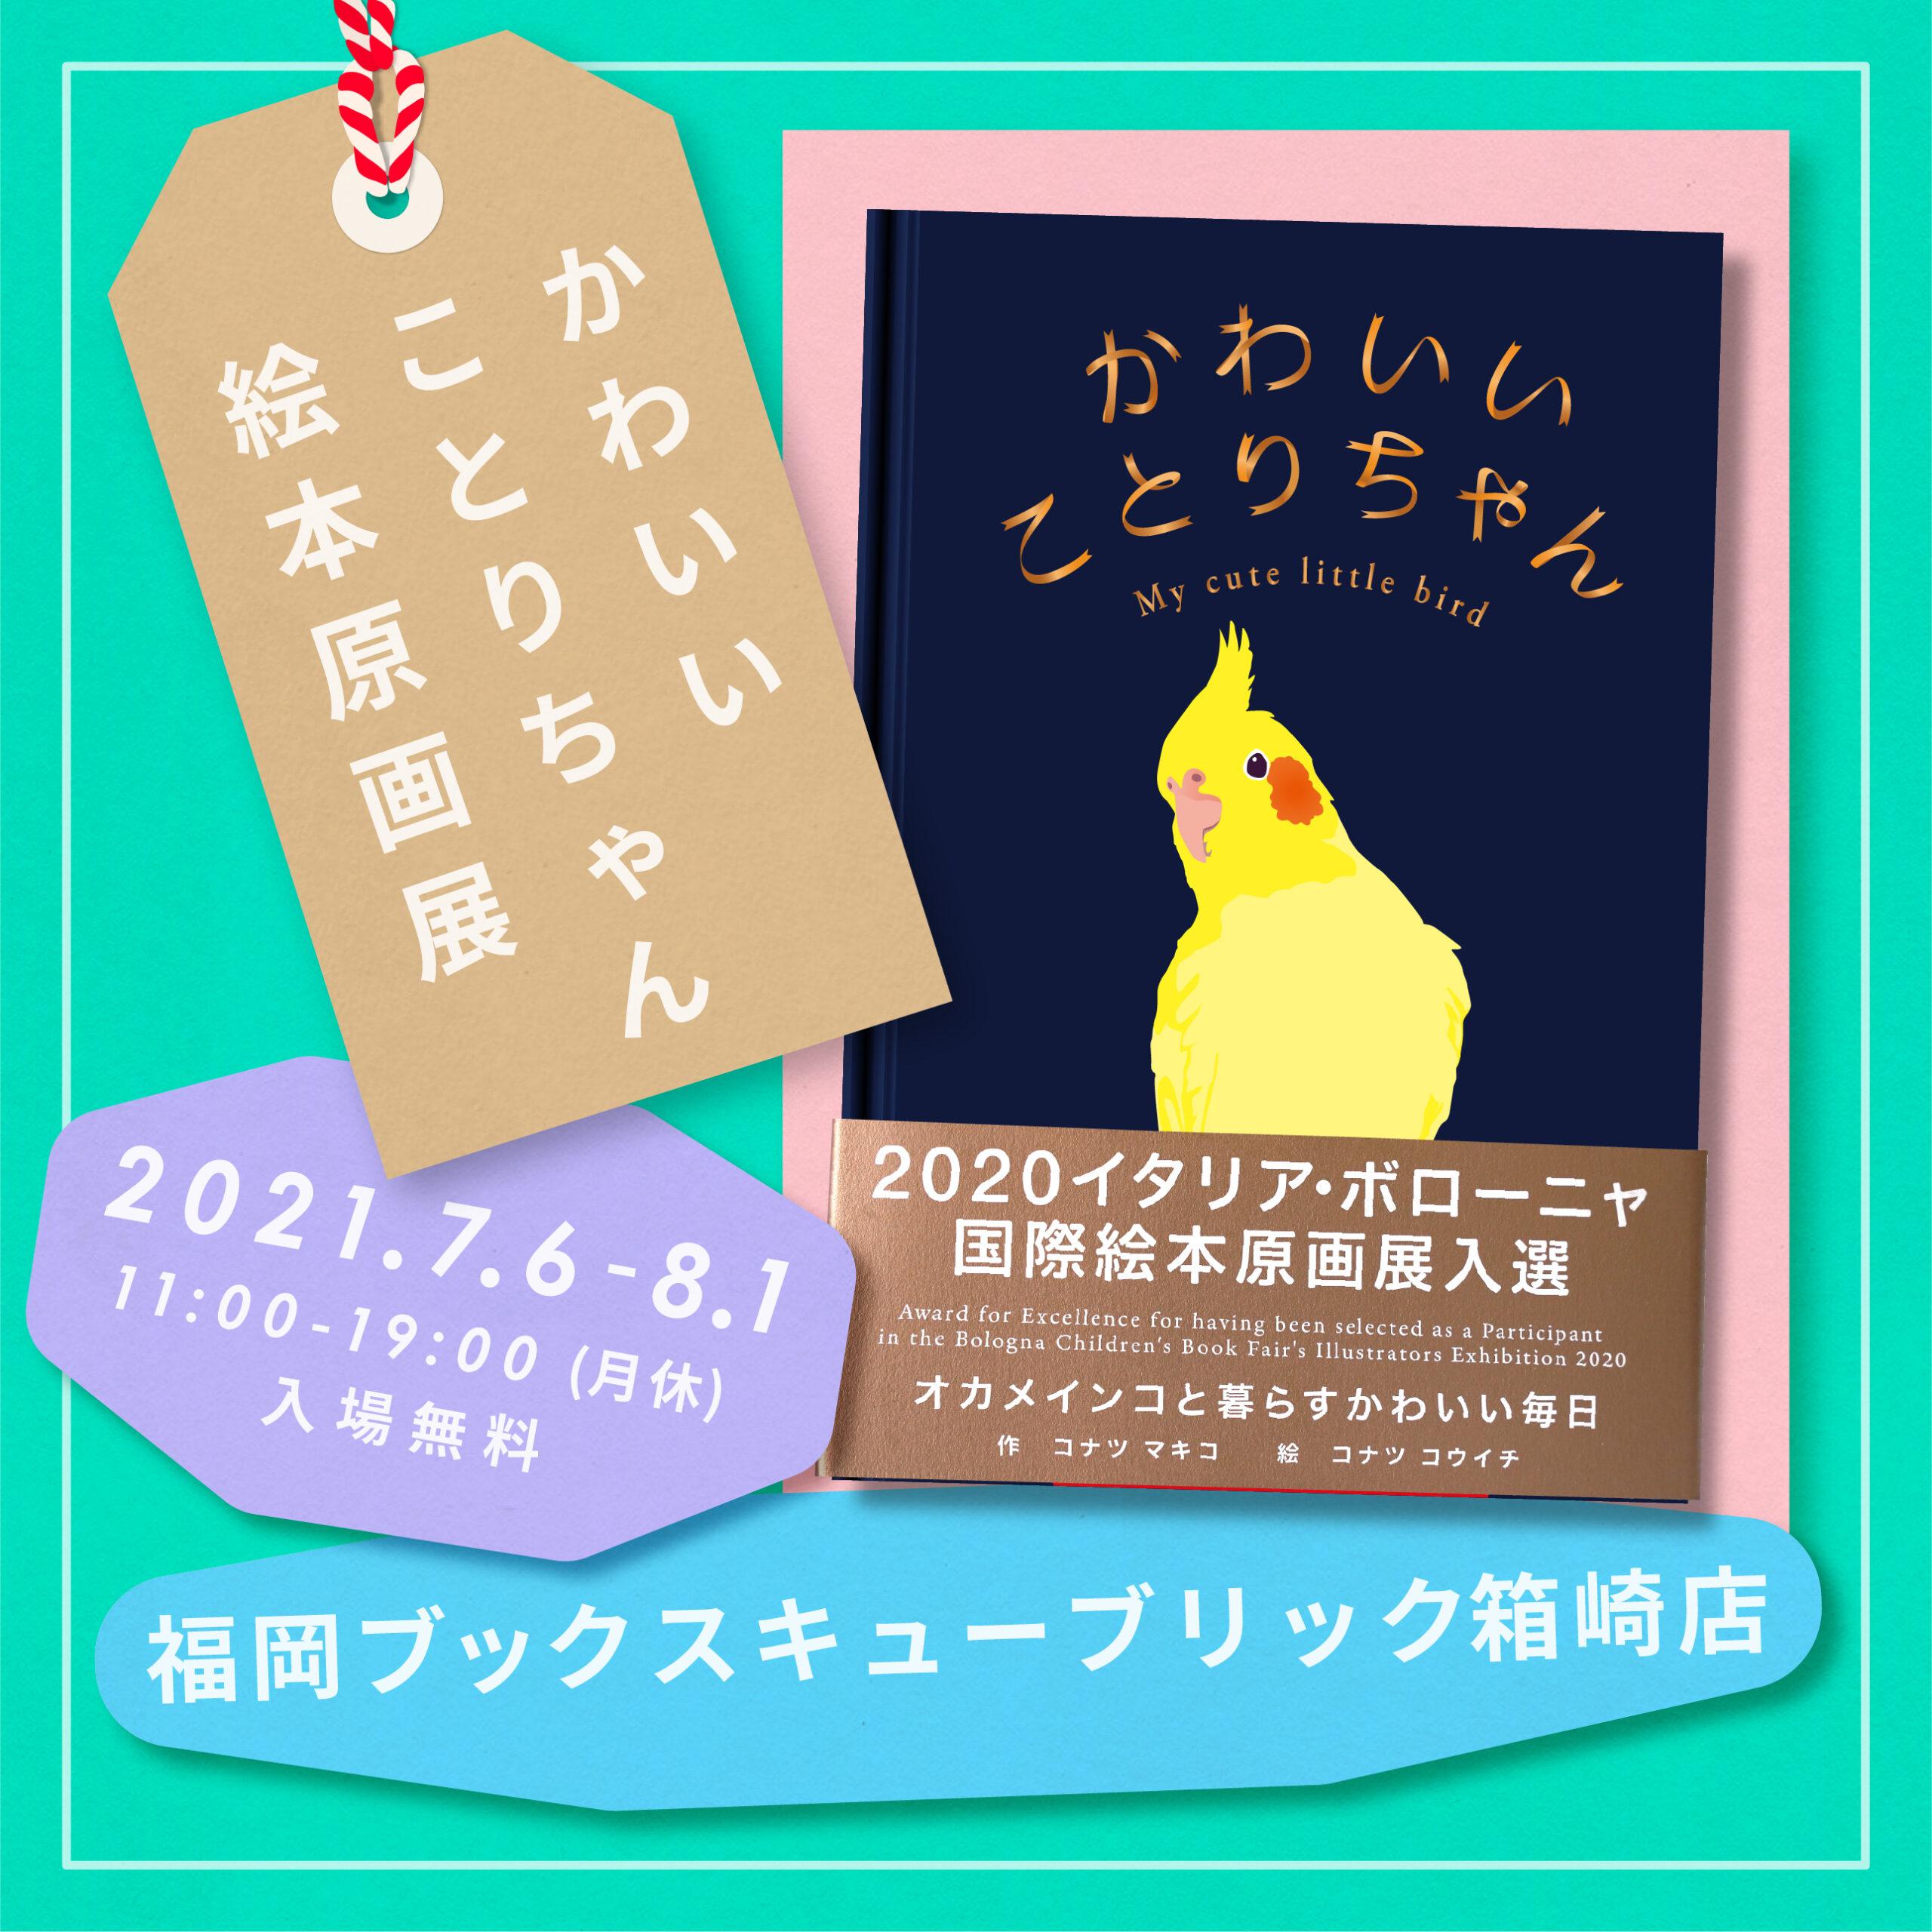 【開催中】7/6(火)-8/1(日)コナツコウイチ『かわいいことりちゃん』絵本原画展